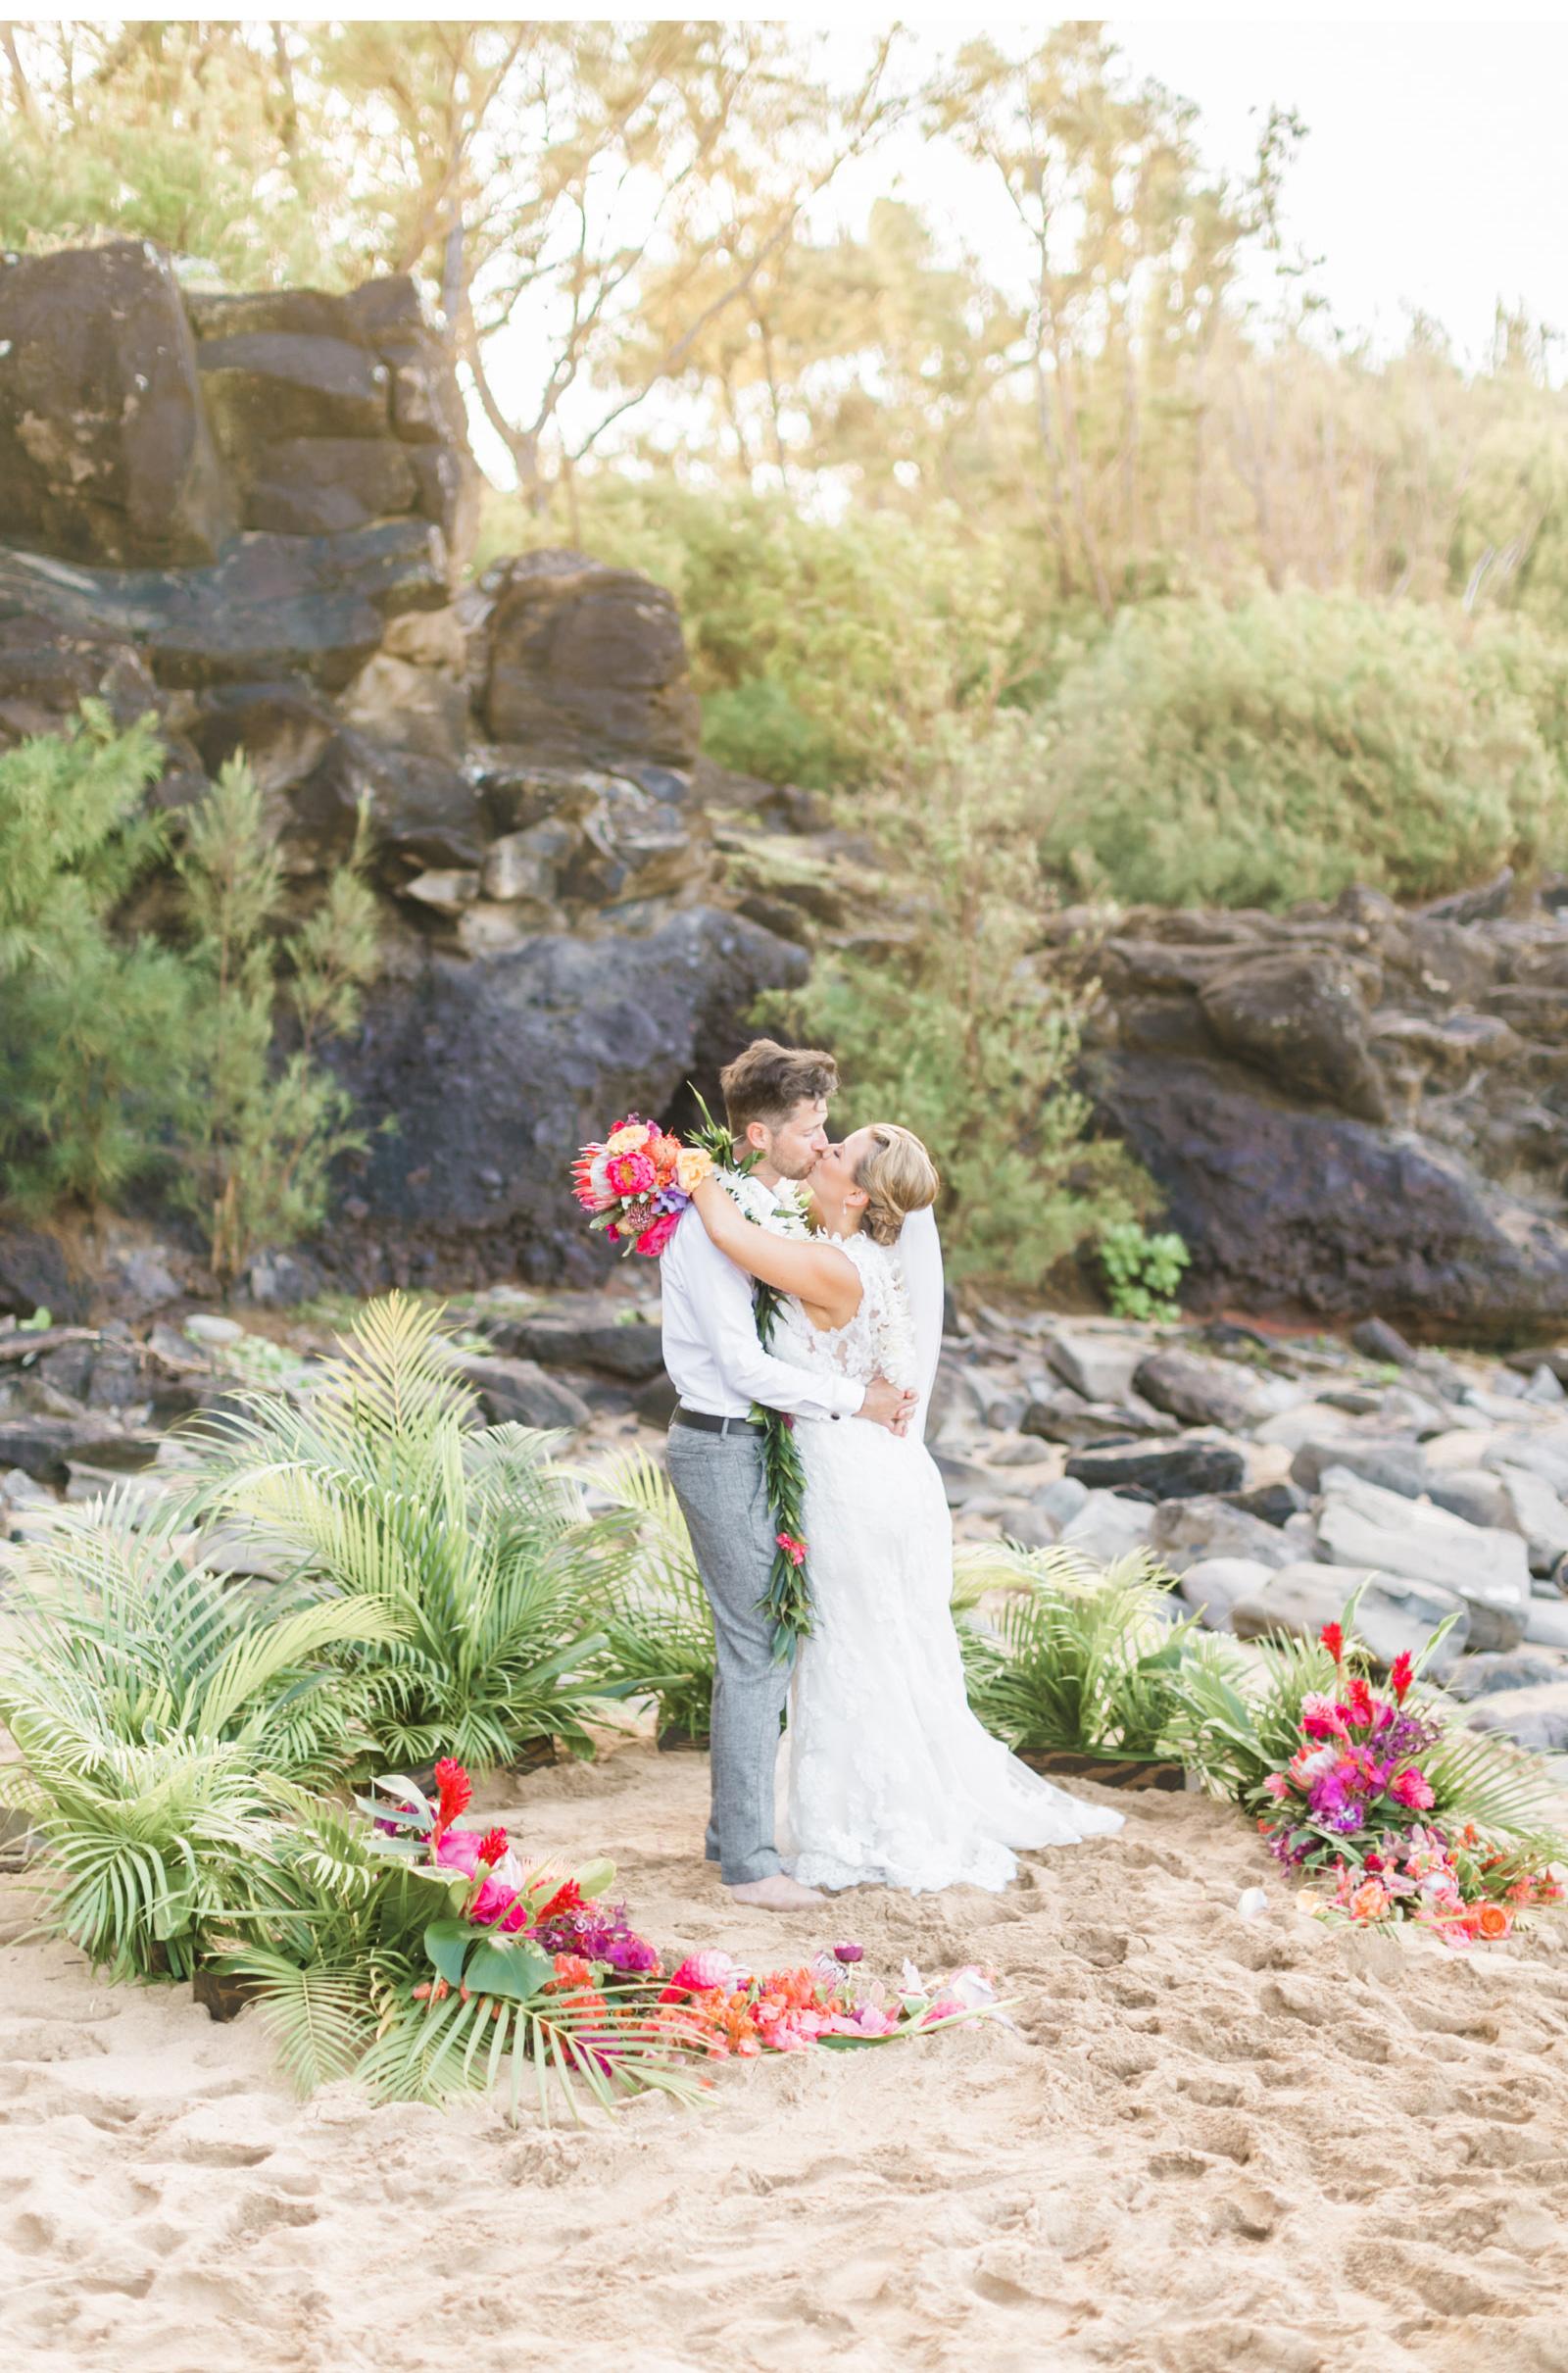 Natalie-Schutt-Photography-Maui-Wedding_03.jpg